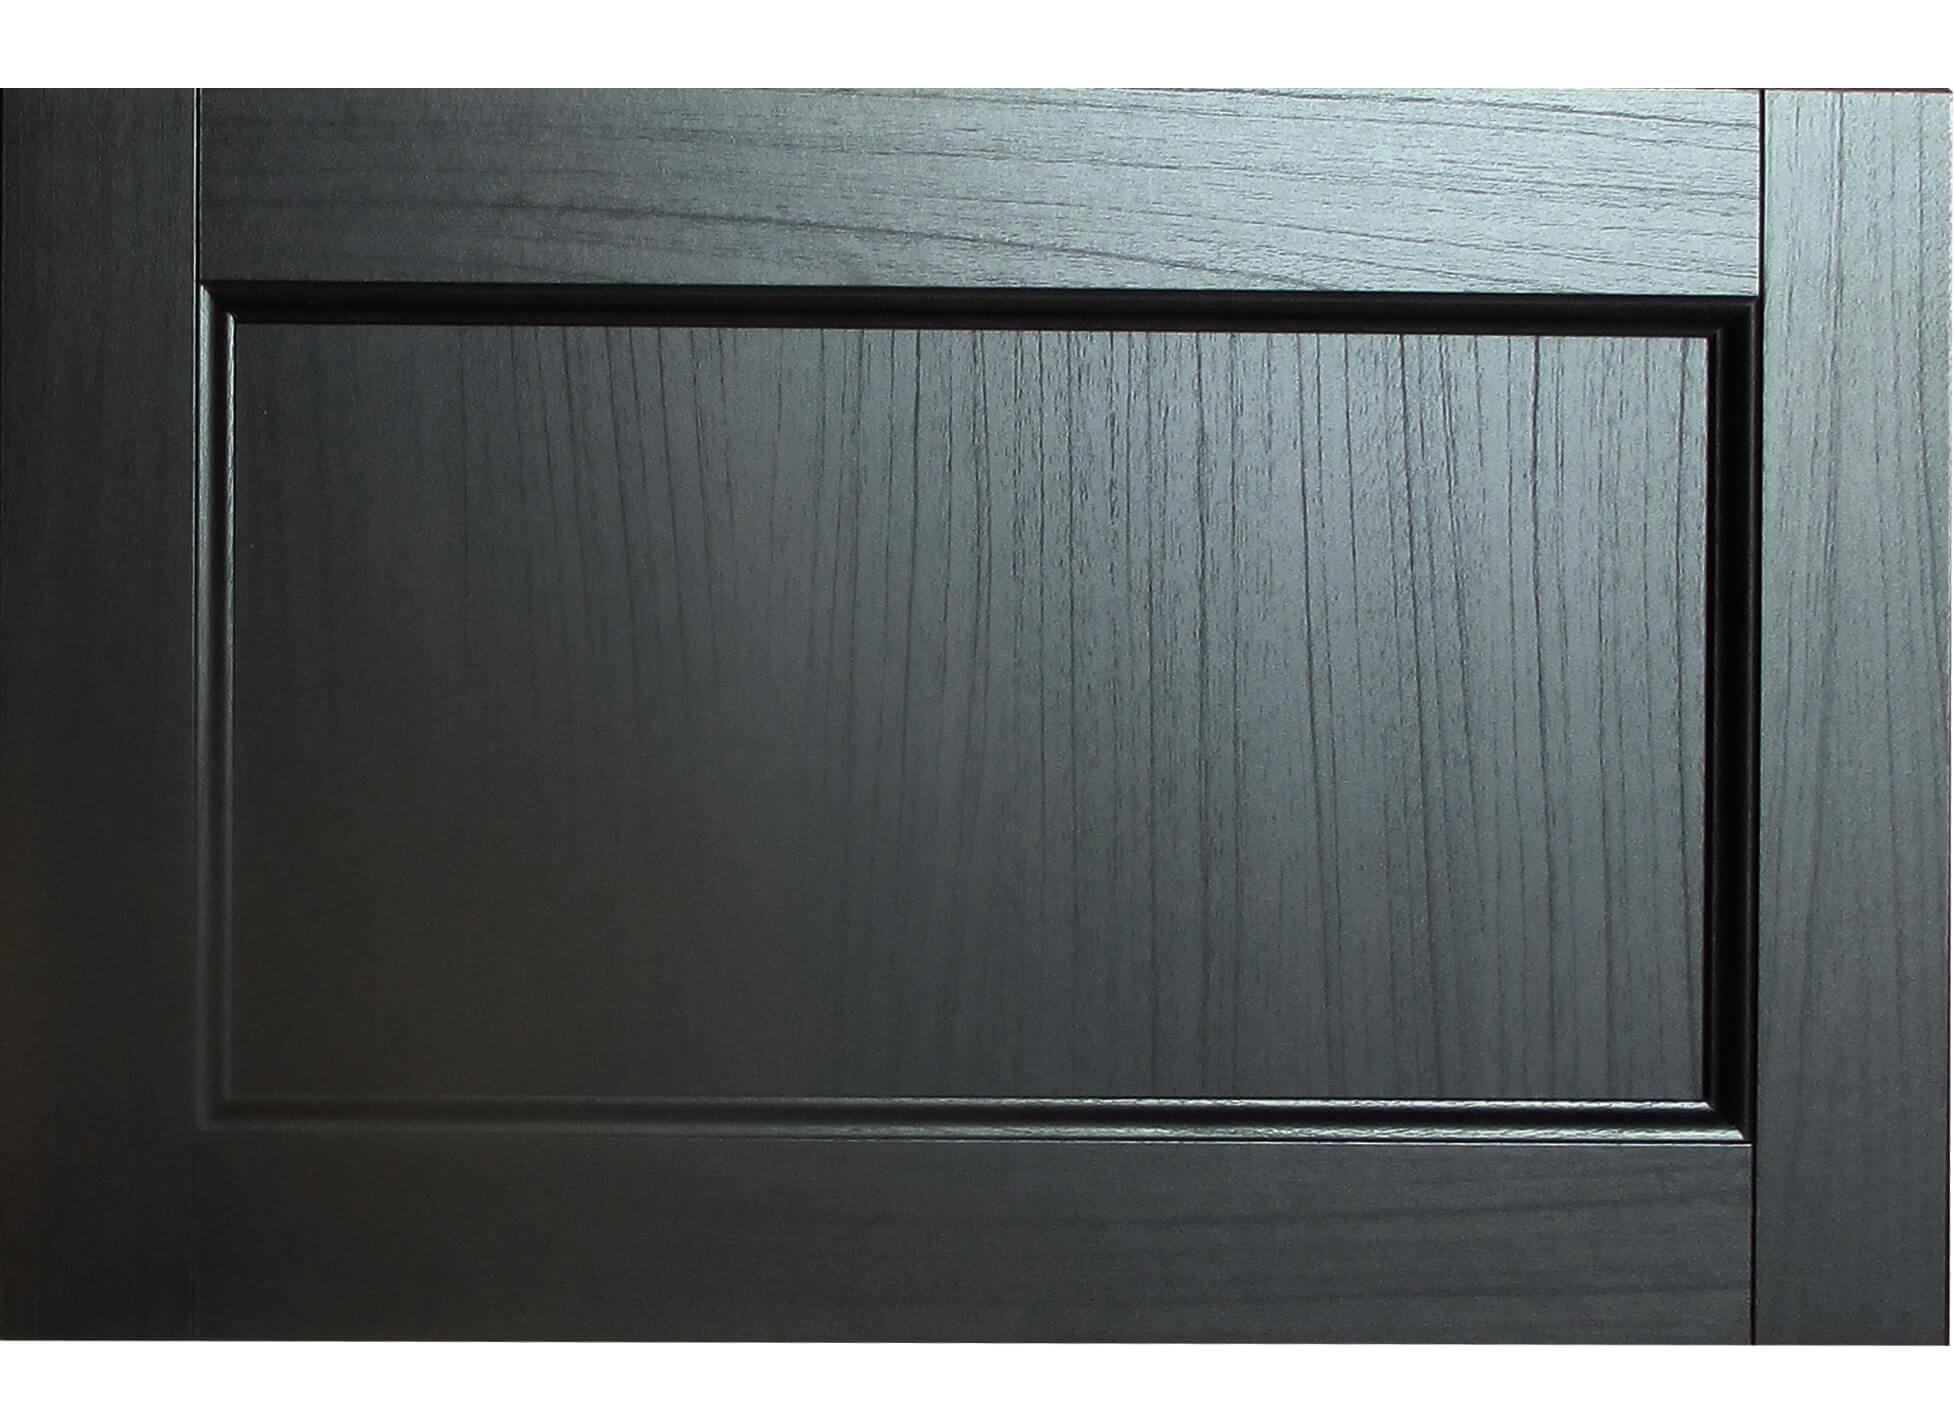 ikea besta vassbo 28 images besta vassbo ikea ideas besta vassbo ideas about things to ikea. Black Bedroom Furniture Sets. Home Design Ideas